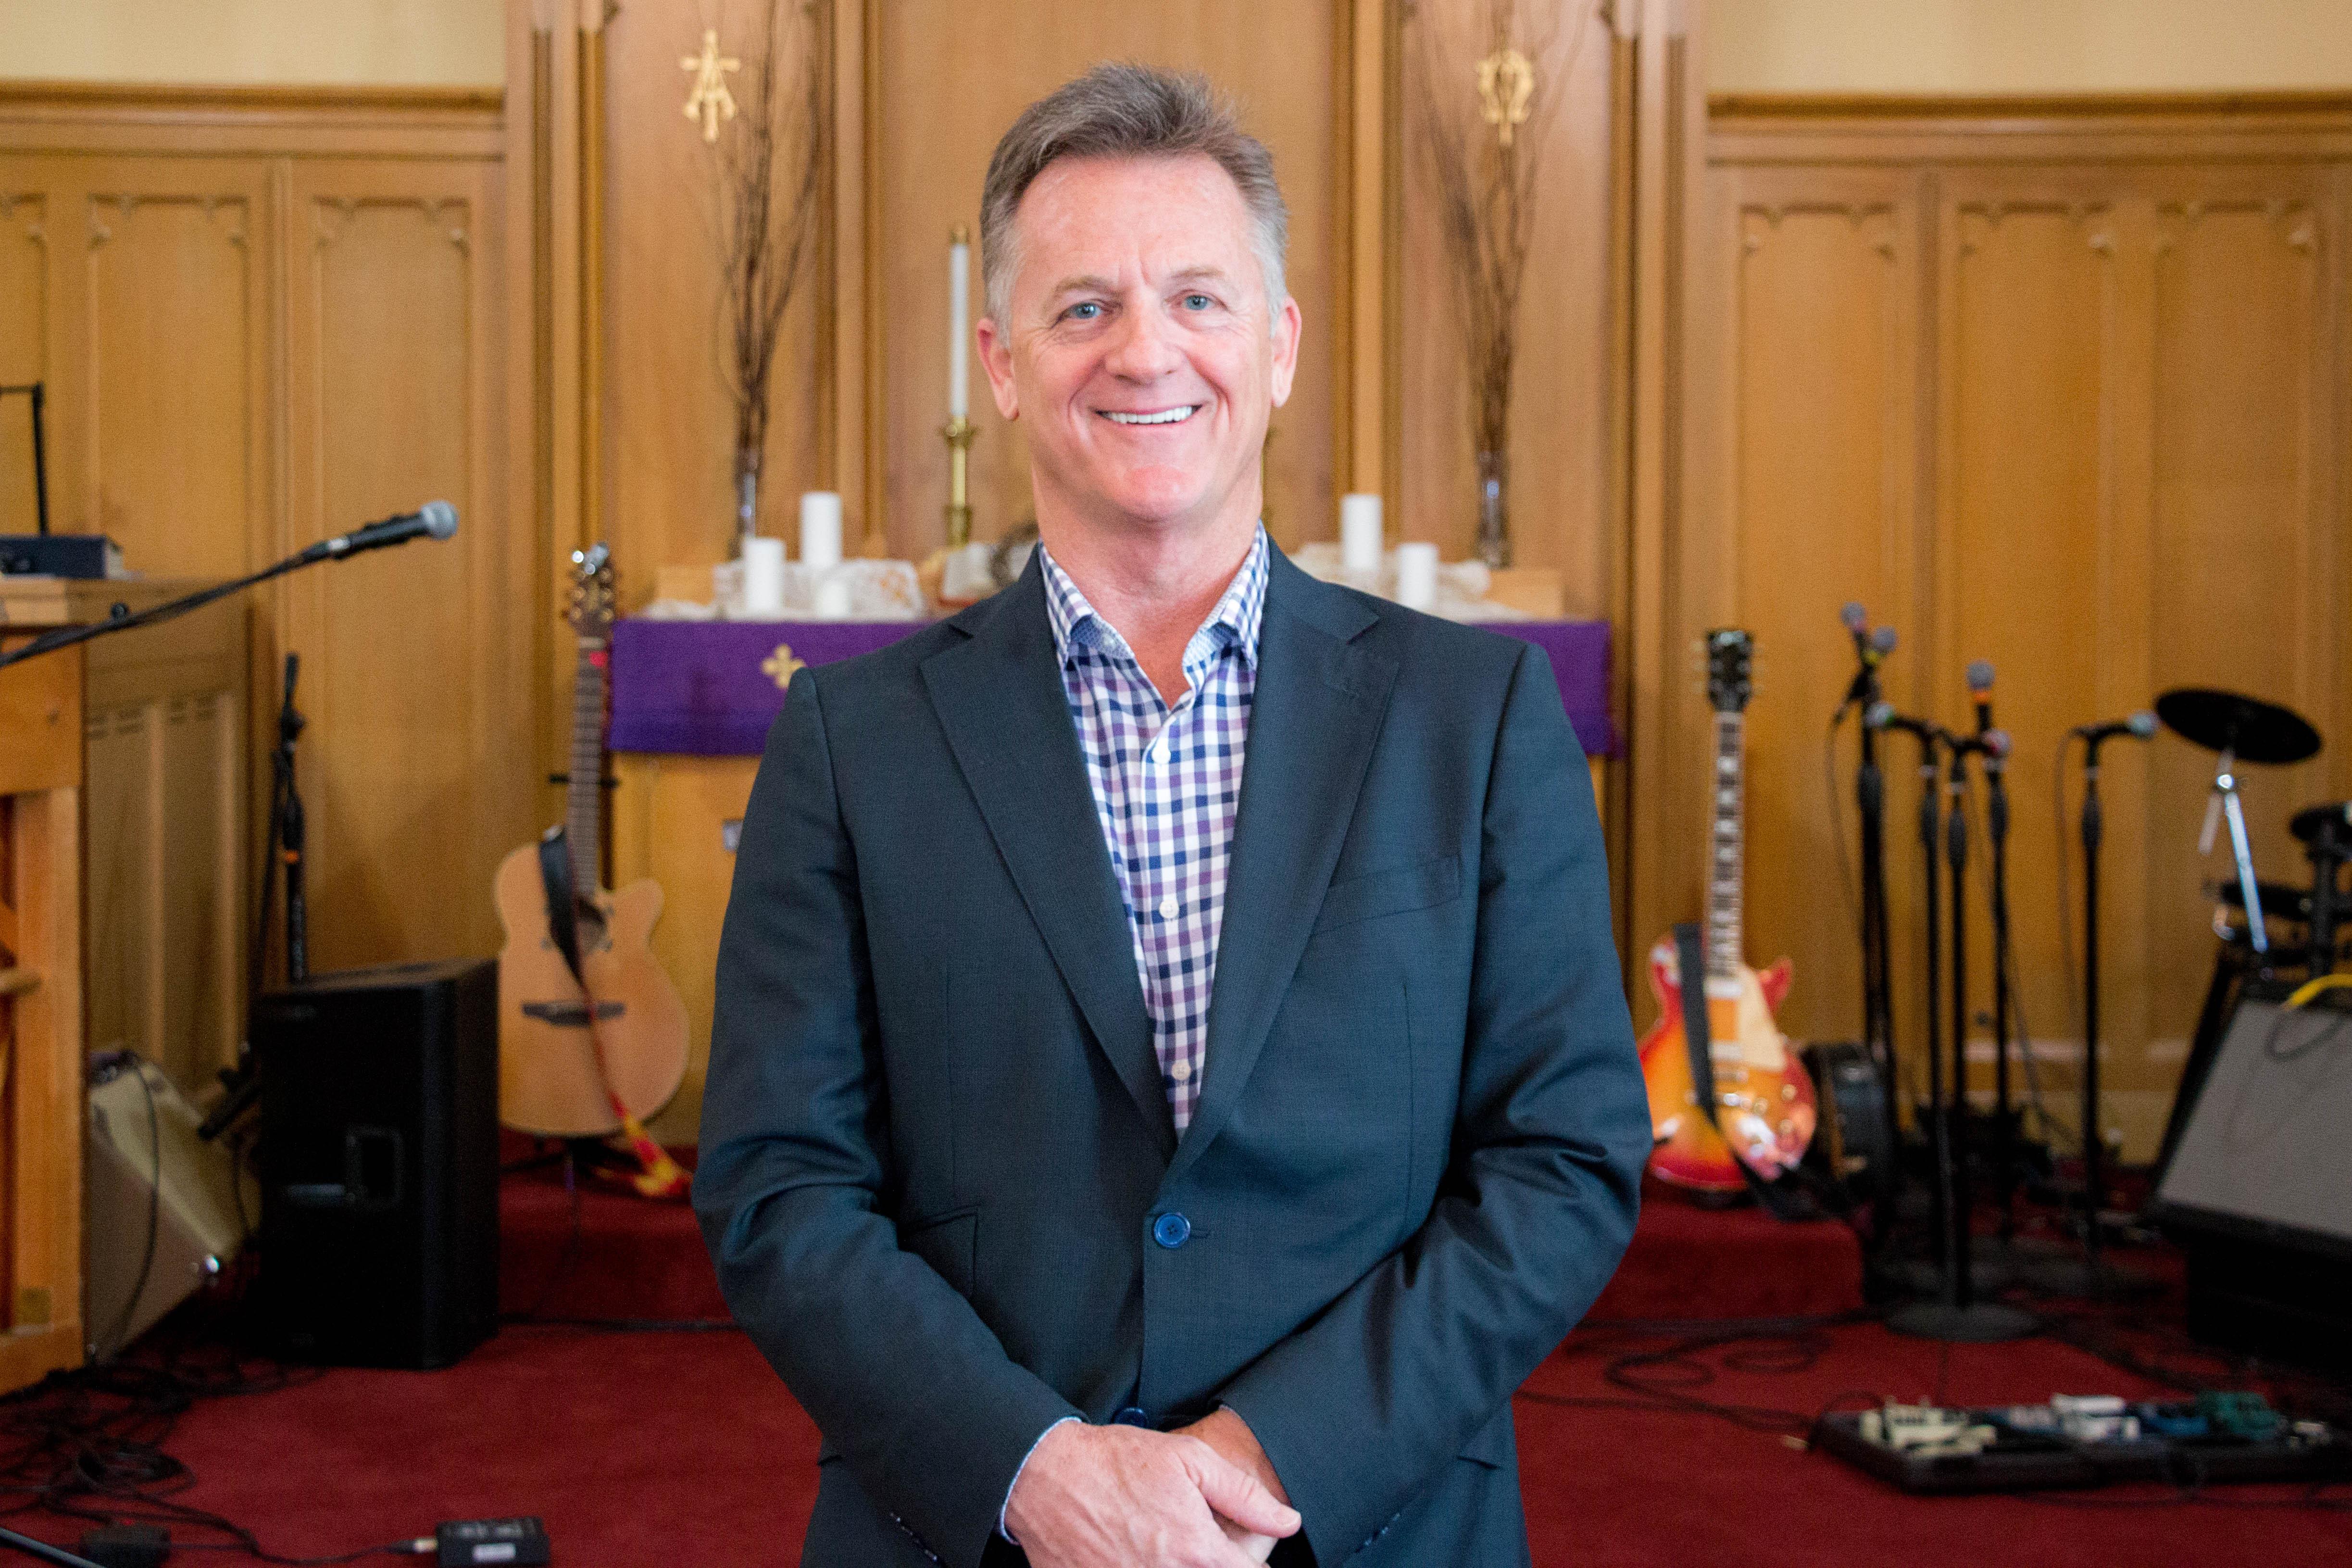 Pastor Kent D. Schuette